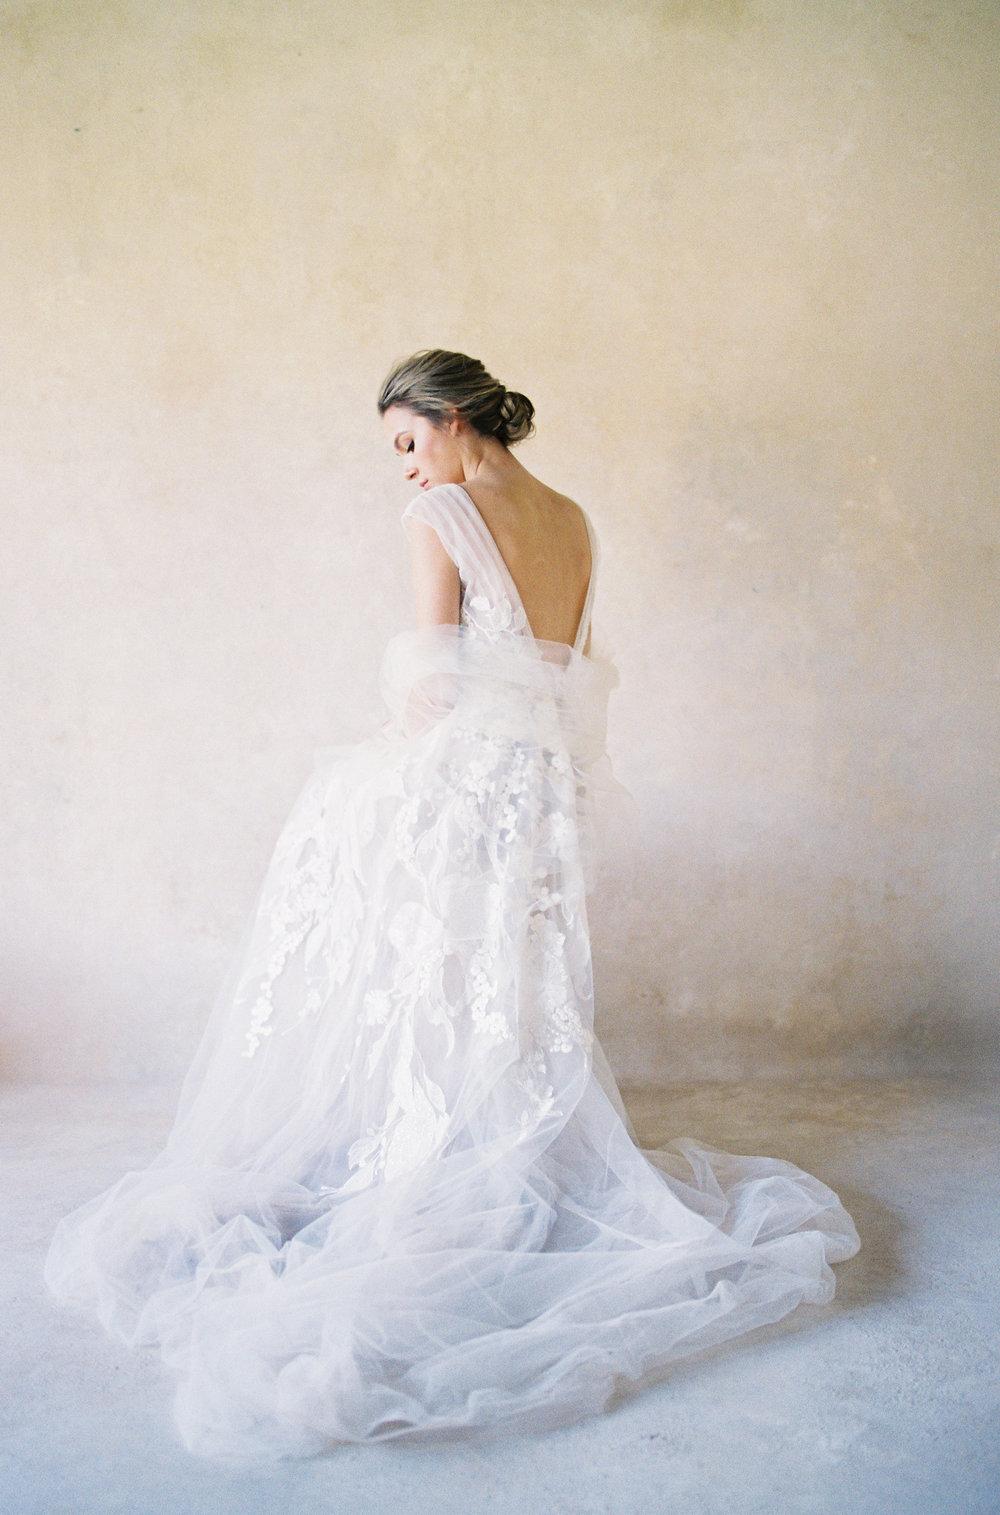 Bridal-Hollywood-19-Jen_Huang-032491-R1-007.jpg